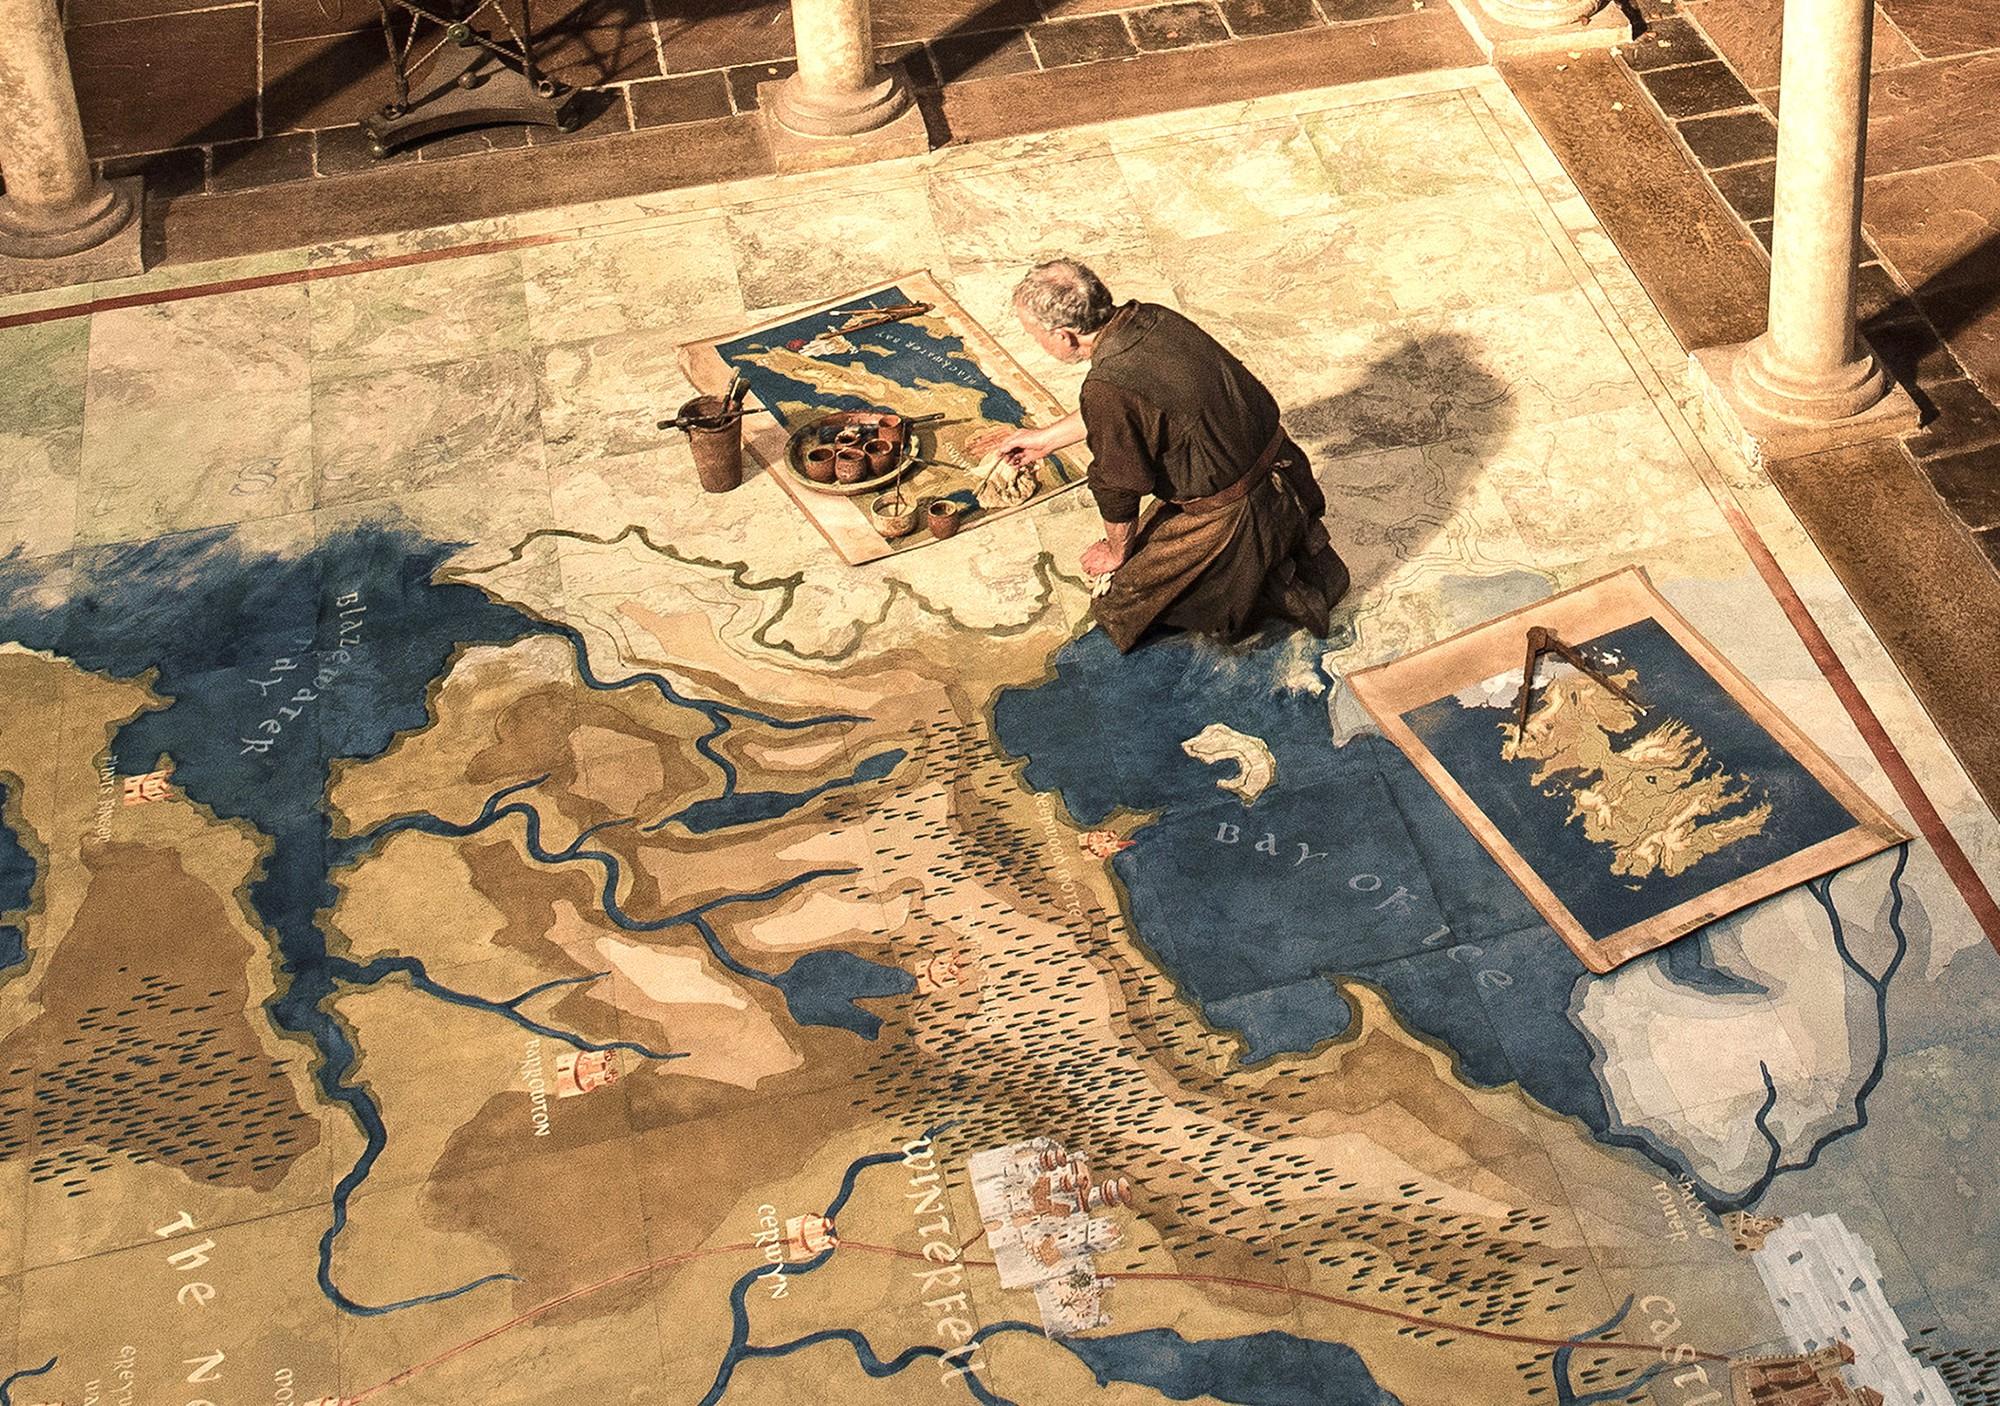 Sợ tù nhân dùng bản đồ hư cấu để... thoát thân, nhà tù cấm cửa Game of Thrones - Ảnh 1.